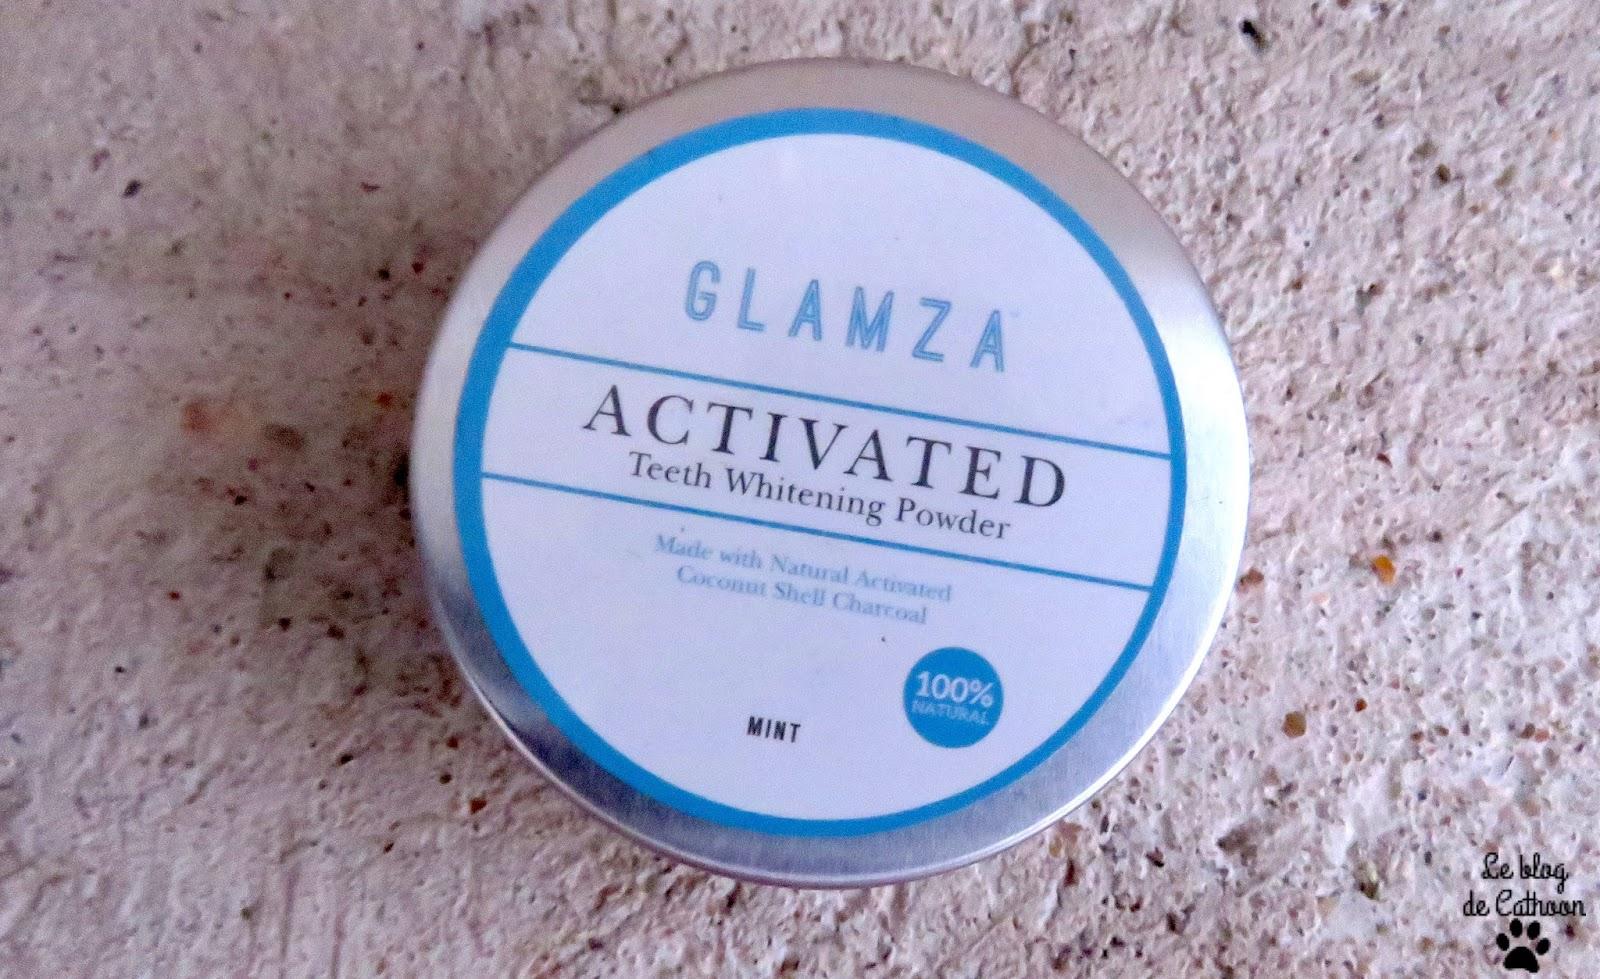 poudre de blanchiment dentaire au charbon actif de Glamza